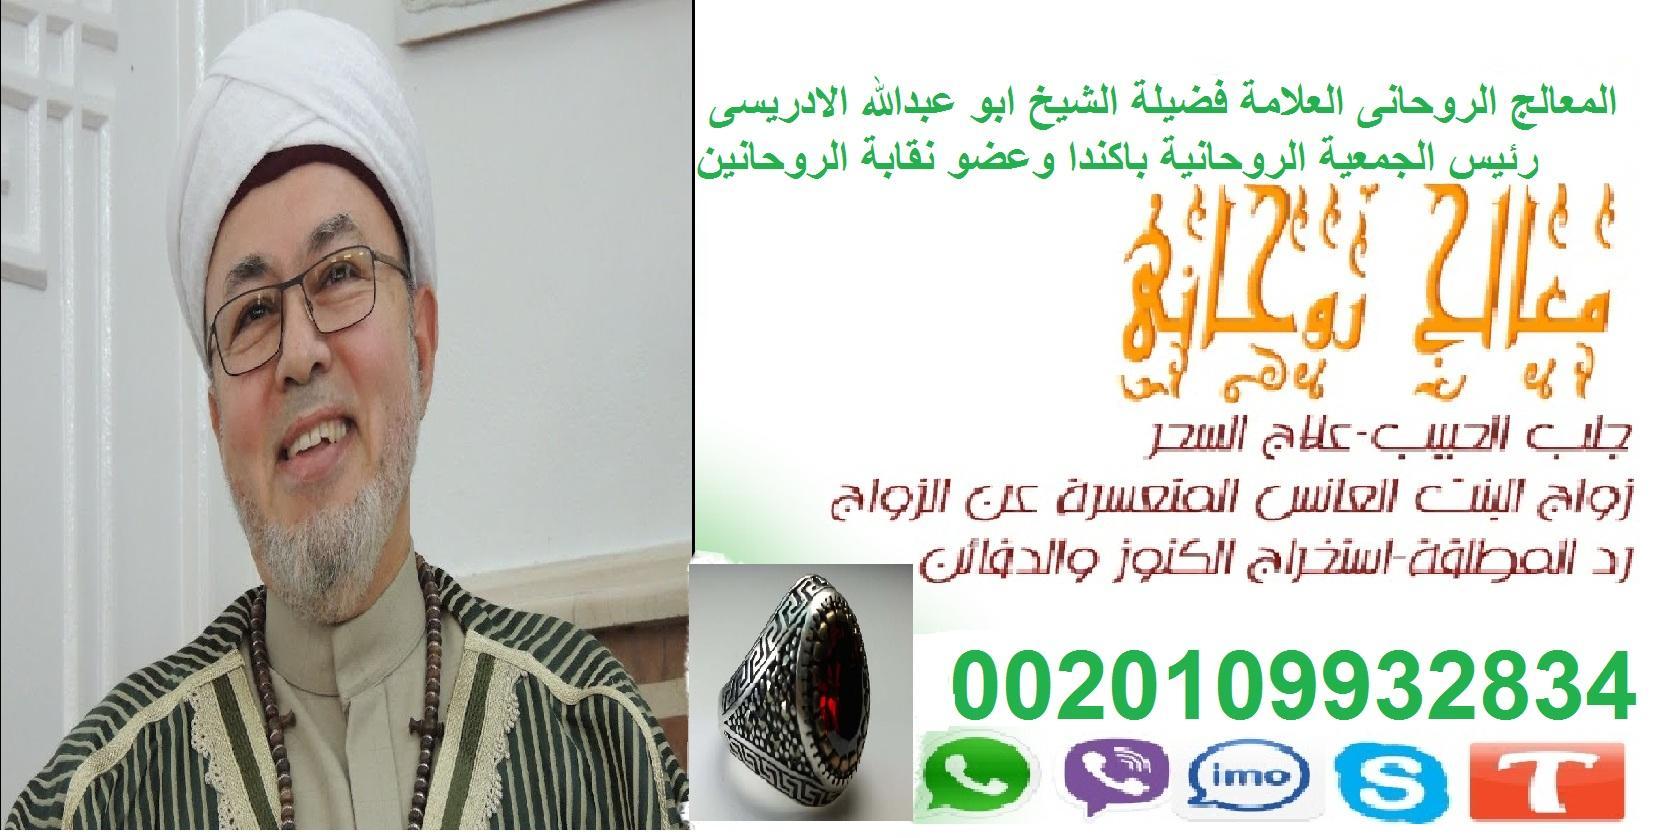 الشيخ المغربى/ ابوعبدالله الادريسى00201099328349 352701464.jpg